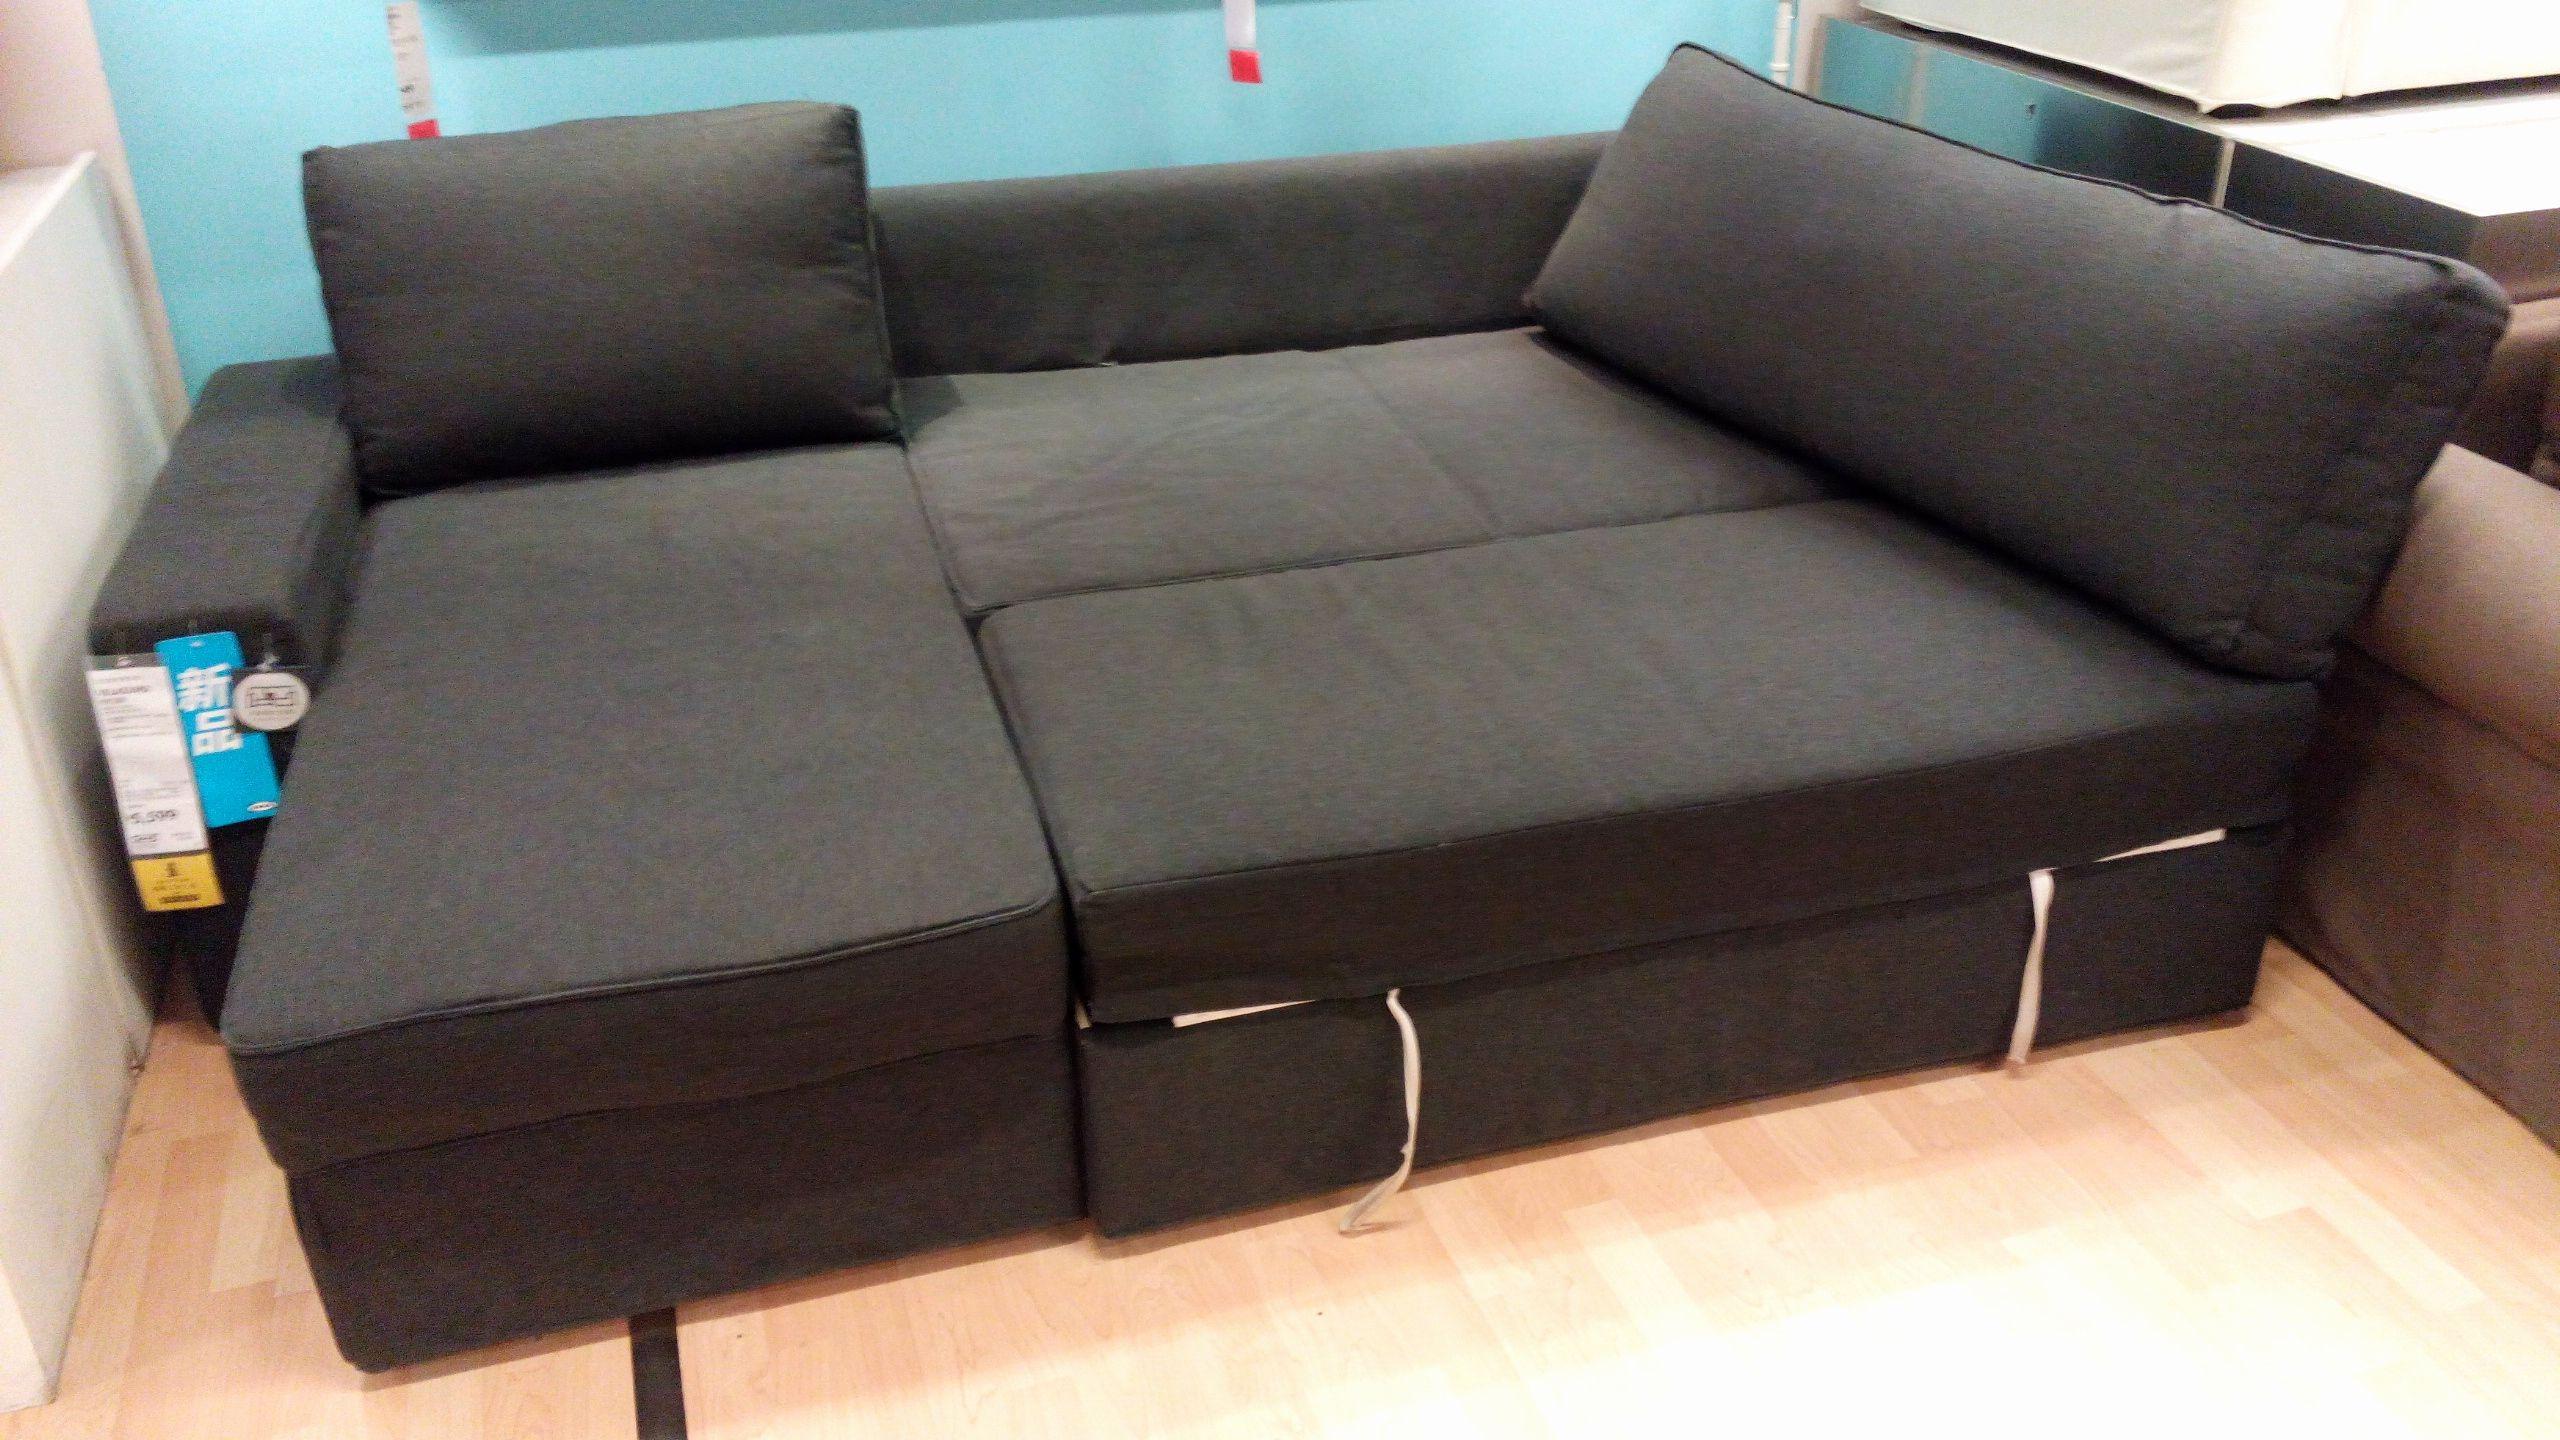 Best Of Ikea Sofa Sleeper Pics Ikea Sofa Sleeper New Ikea Vilasund